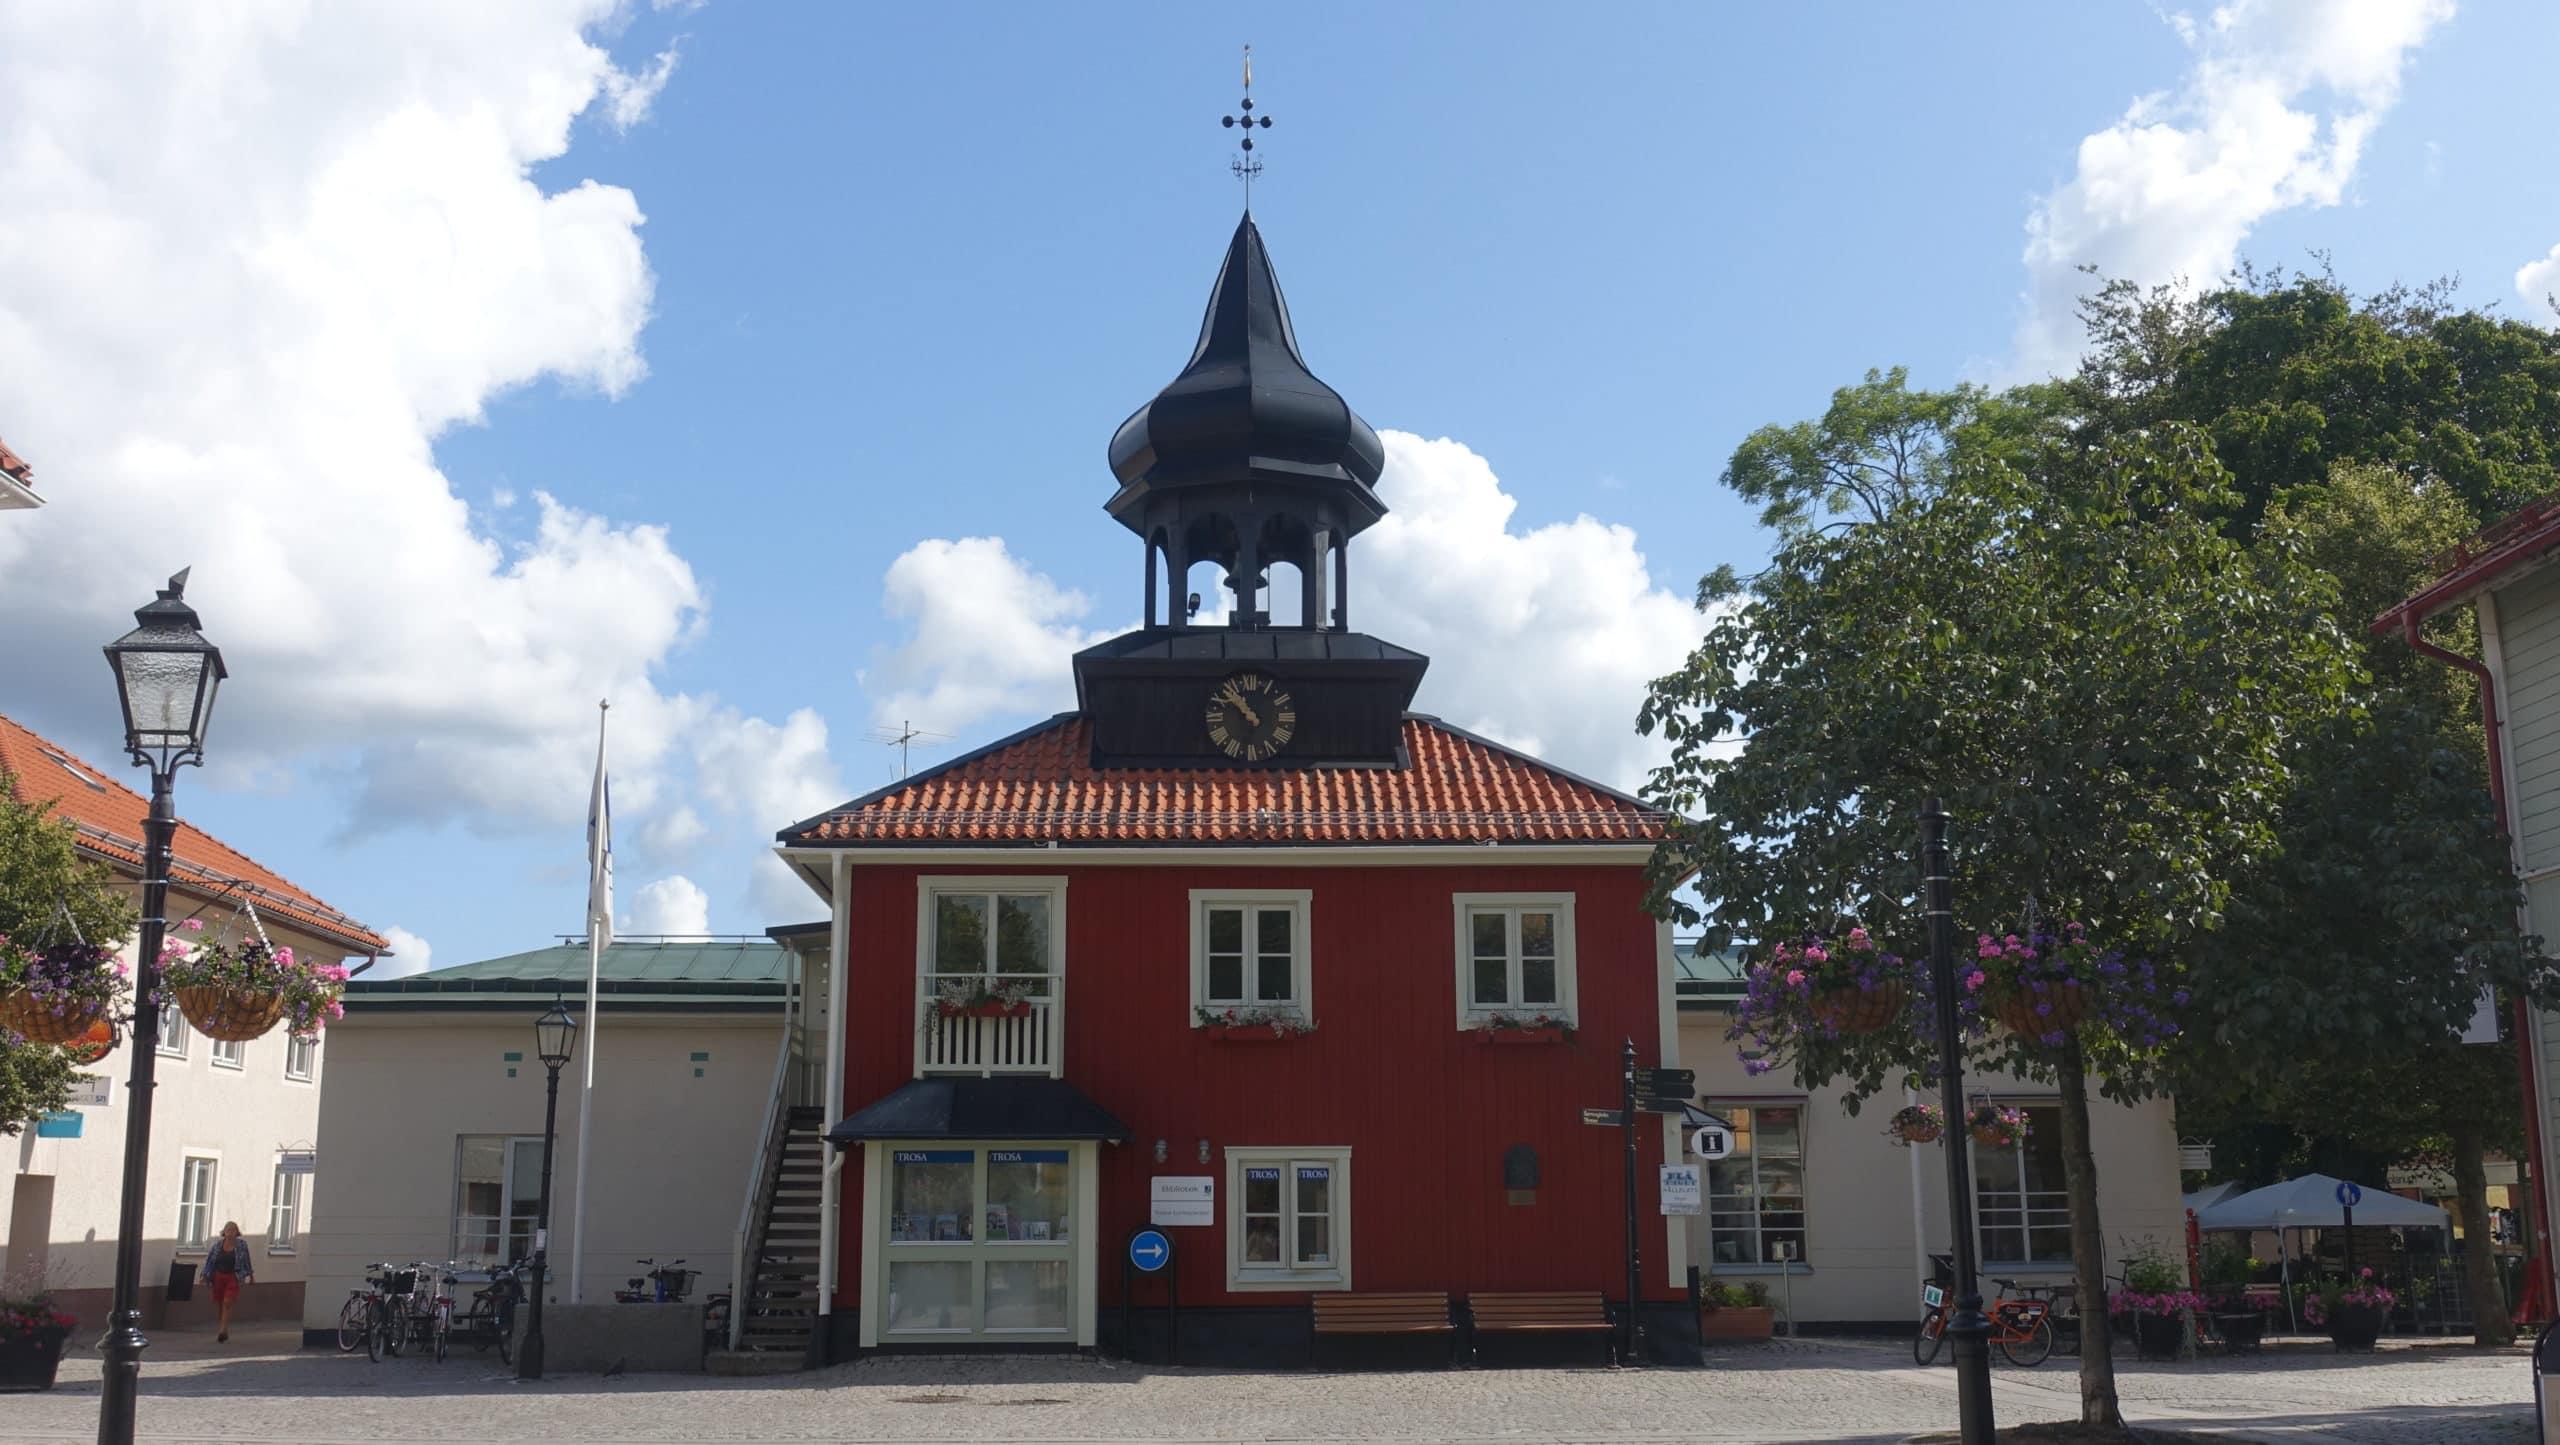 Das rote Holzhaus mit Glockenturm, in dem die Touristeninformation und die Bibliothek untergebracht sind, ist eine Kopie des Rathauses aus dem Jahr 1725, das allerdings 1883 abgerissen wurde.